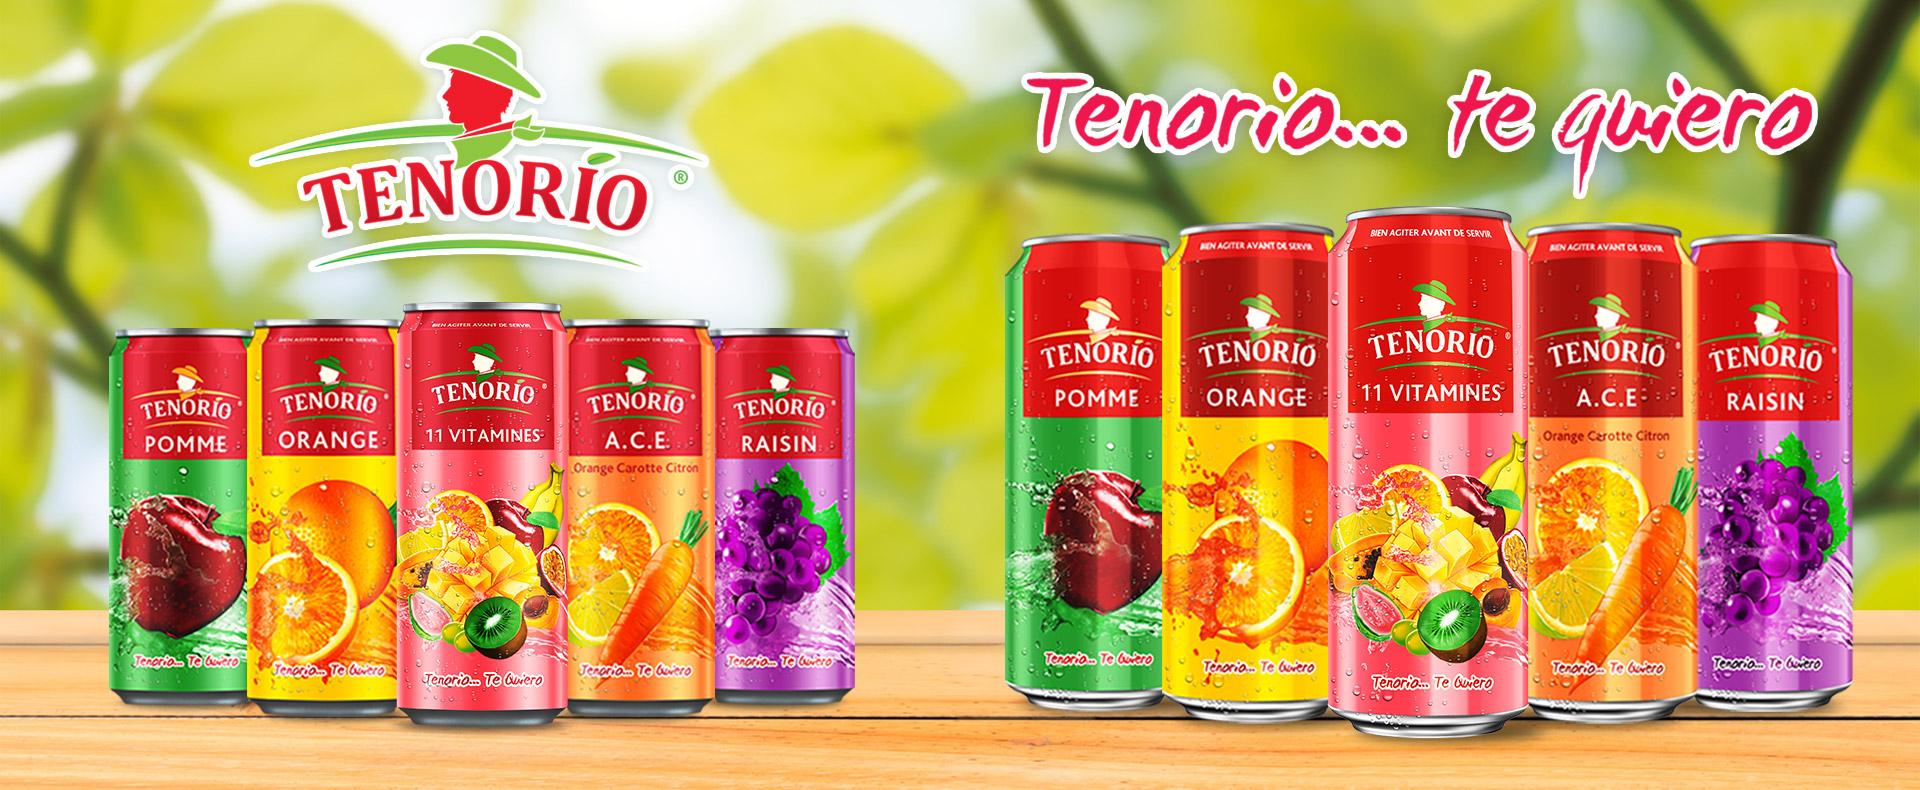 TENORIO Juices